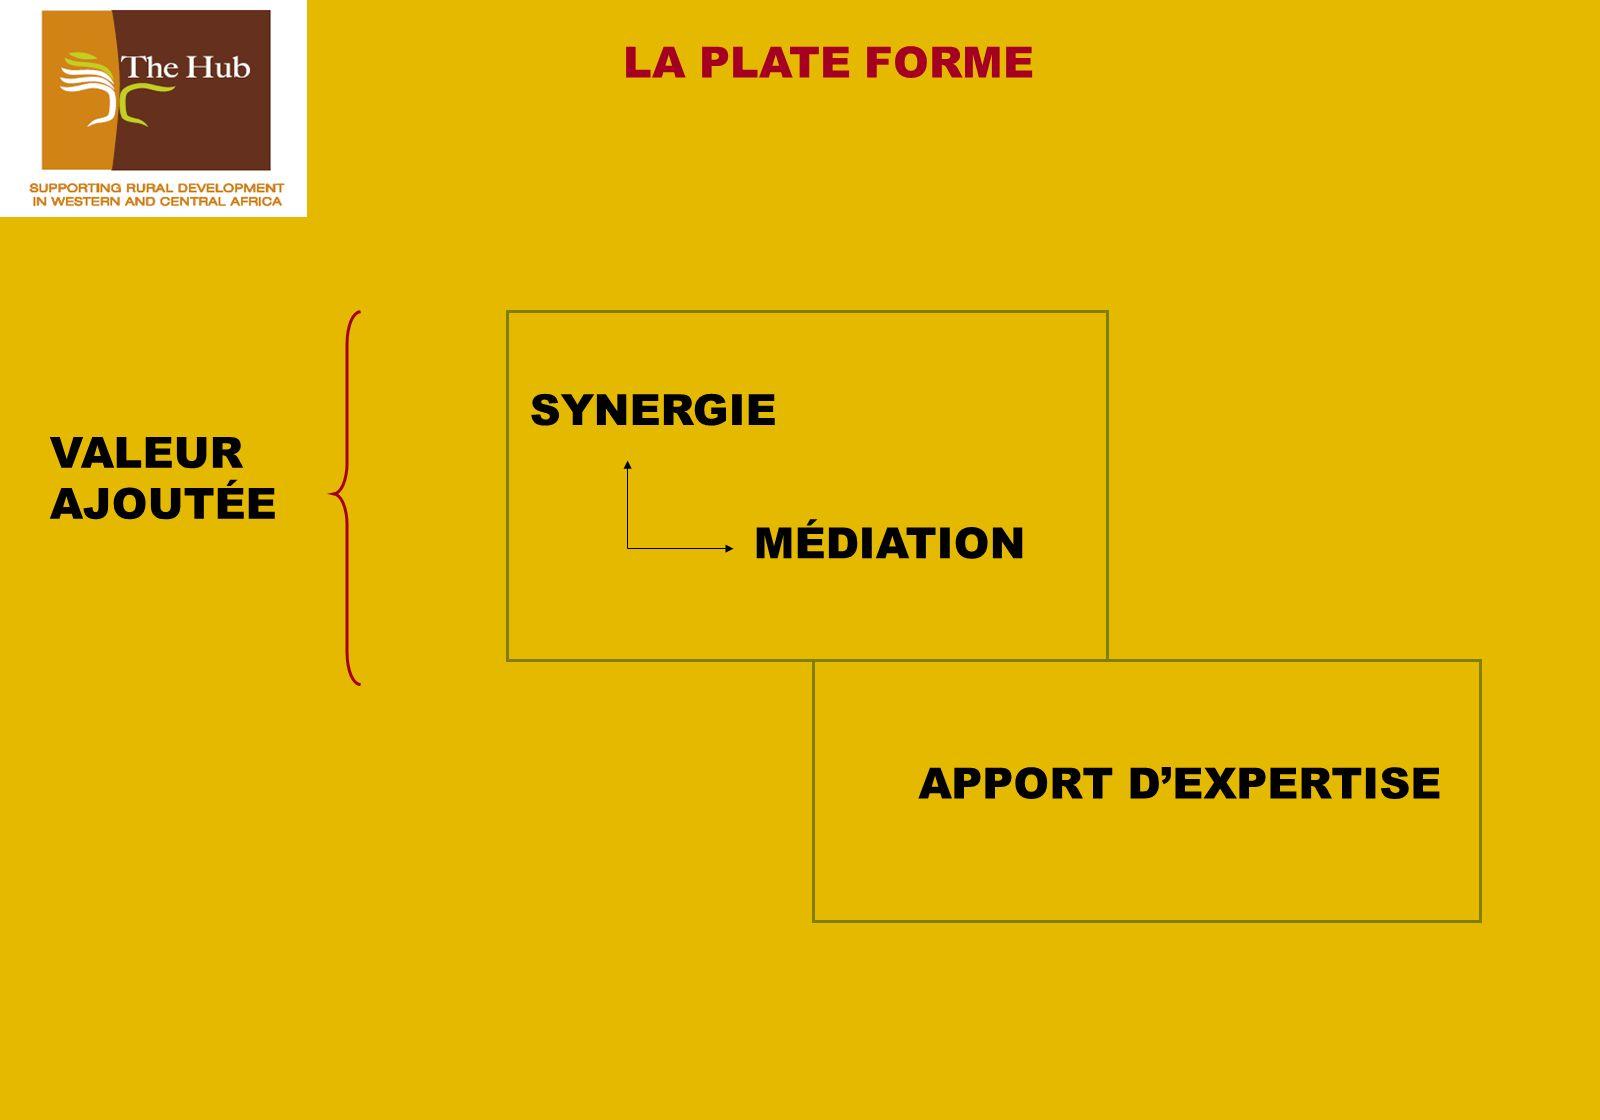 LA PLATE FORME SYNERGIE MÉDIATION APPORT DEXPERTISE VALEUR AJOUTÉE